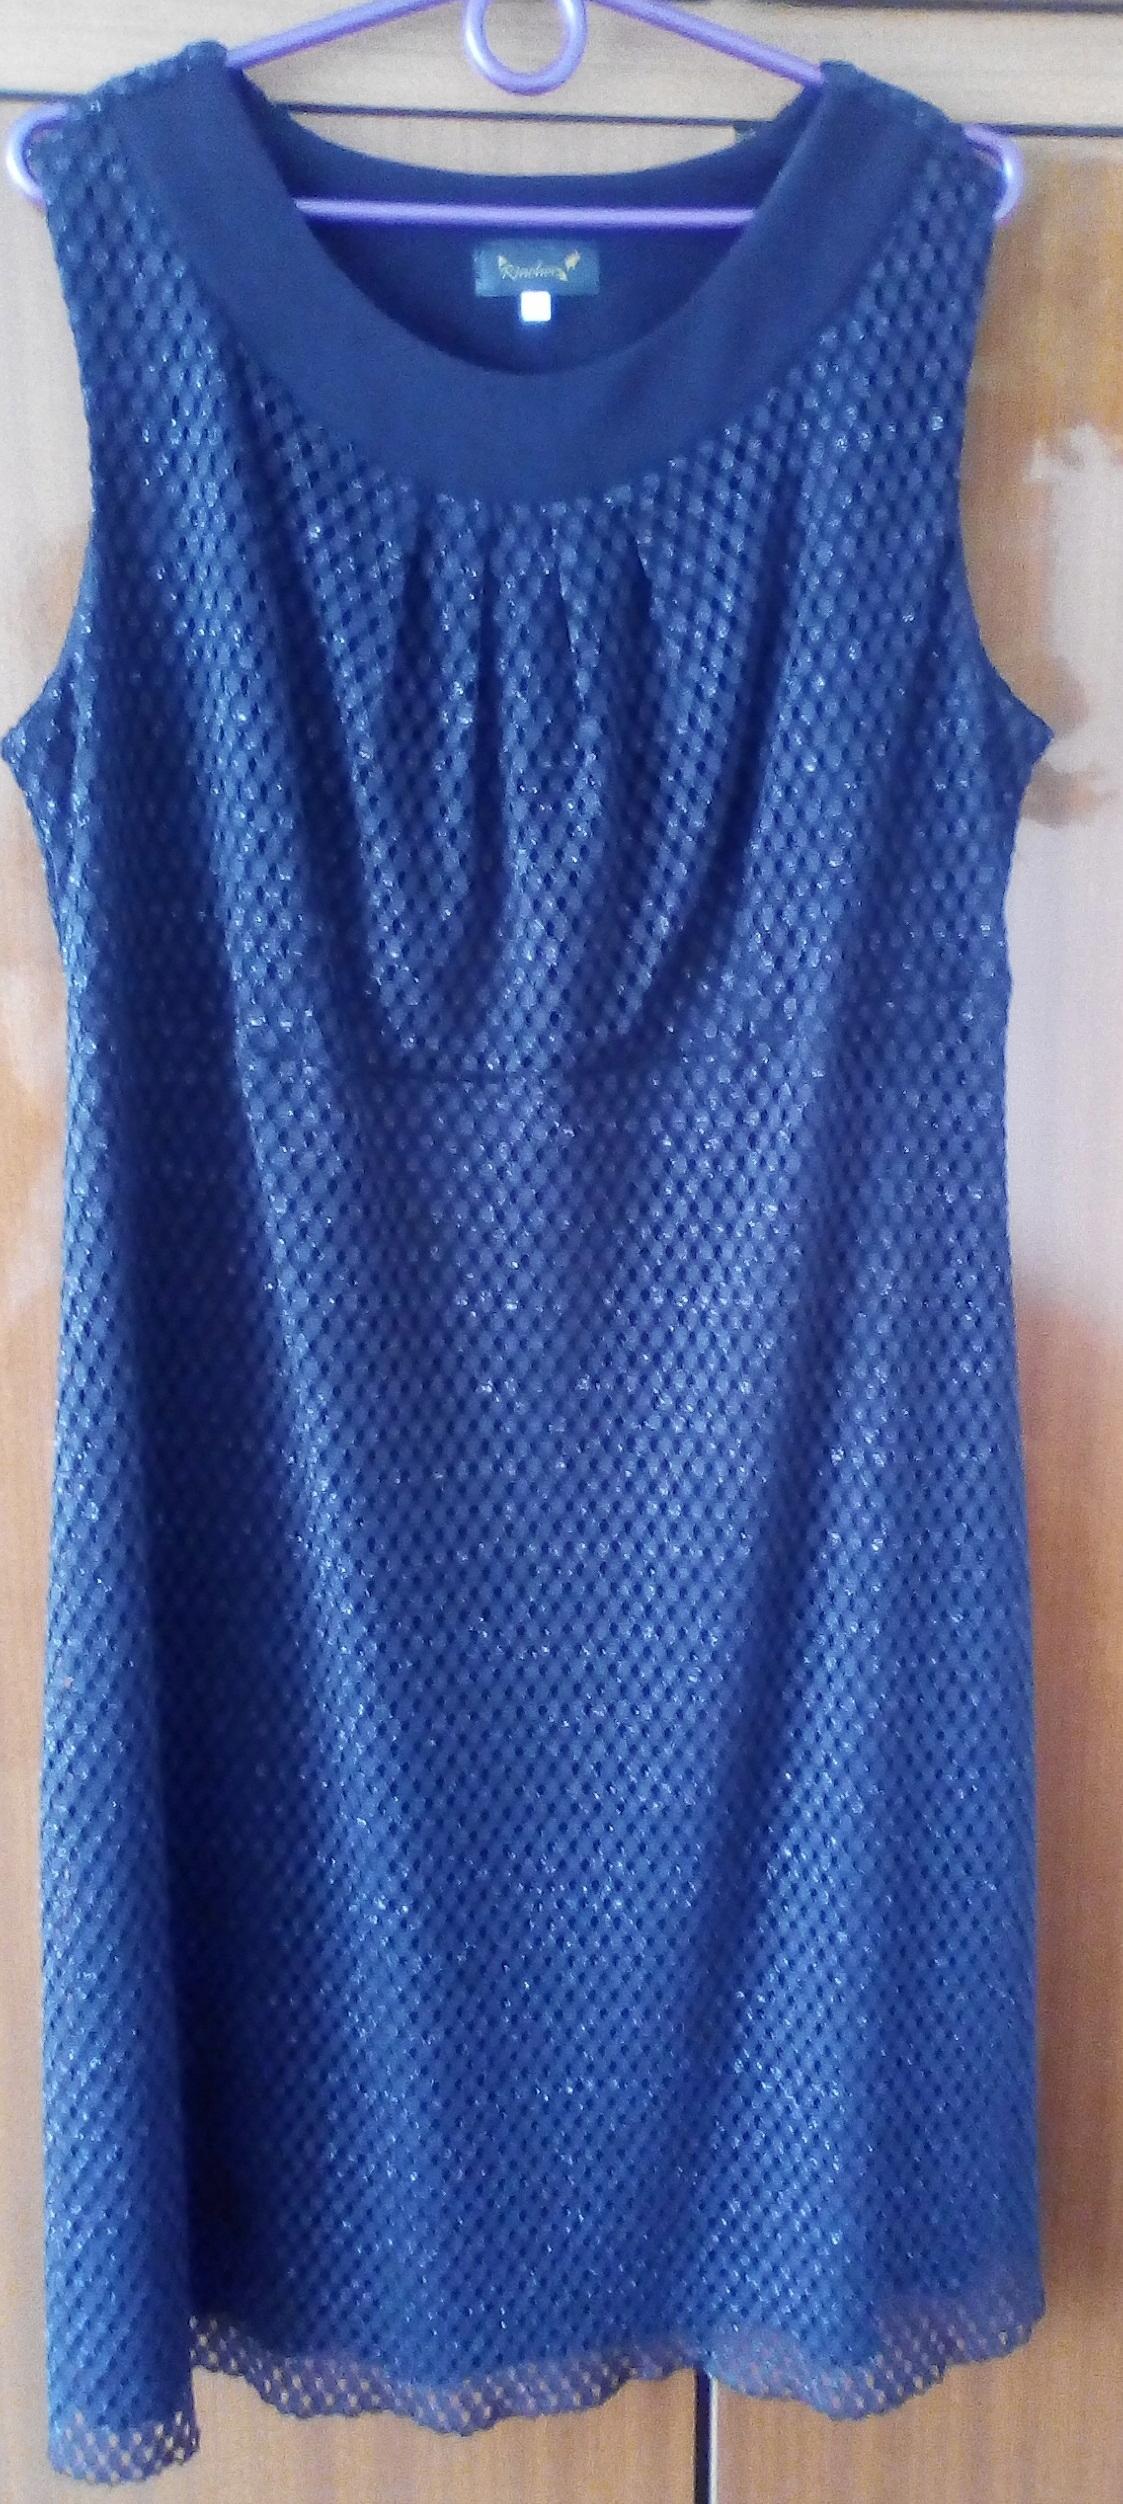 047d8ffdda Sukienka r. 48 siateczka koronka DUŻY ROZMIAR! 4XL - 7439499158 ...